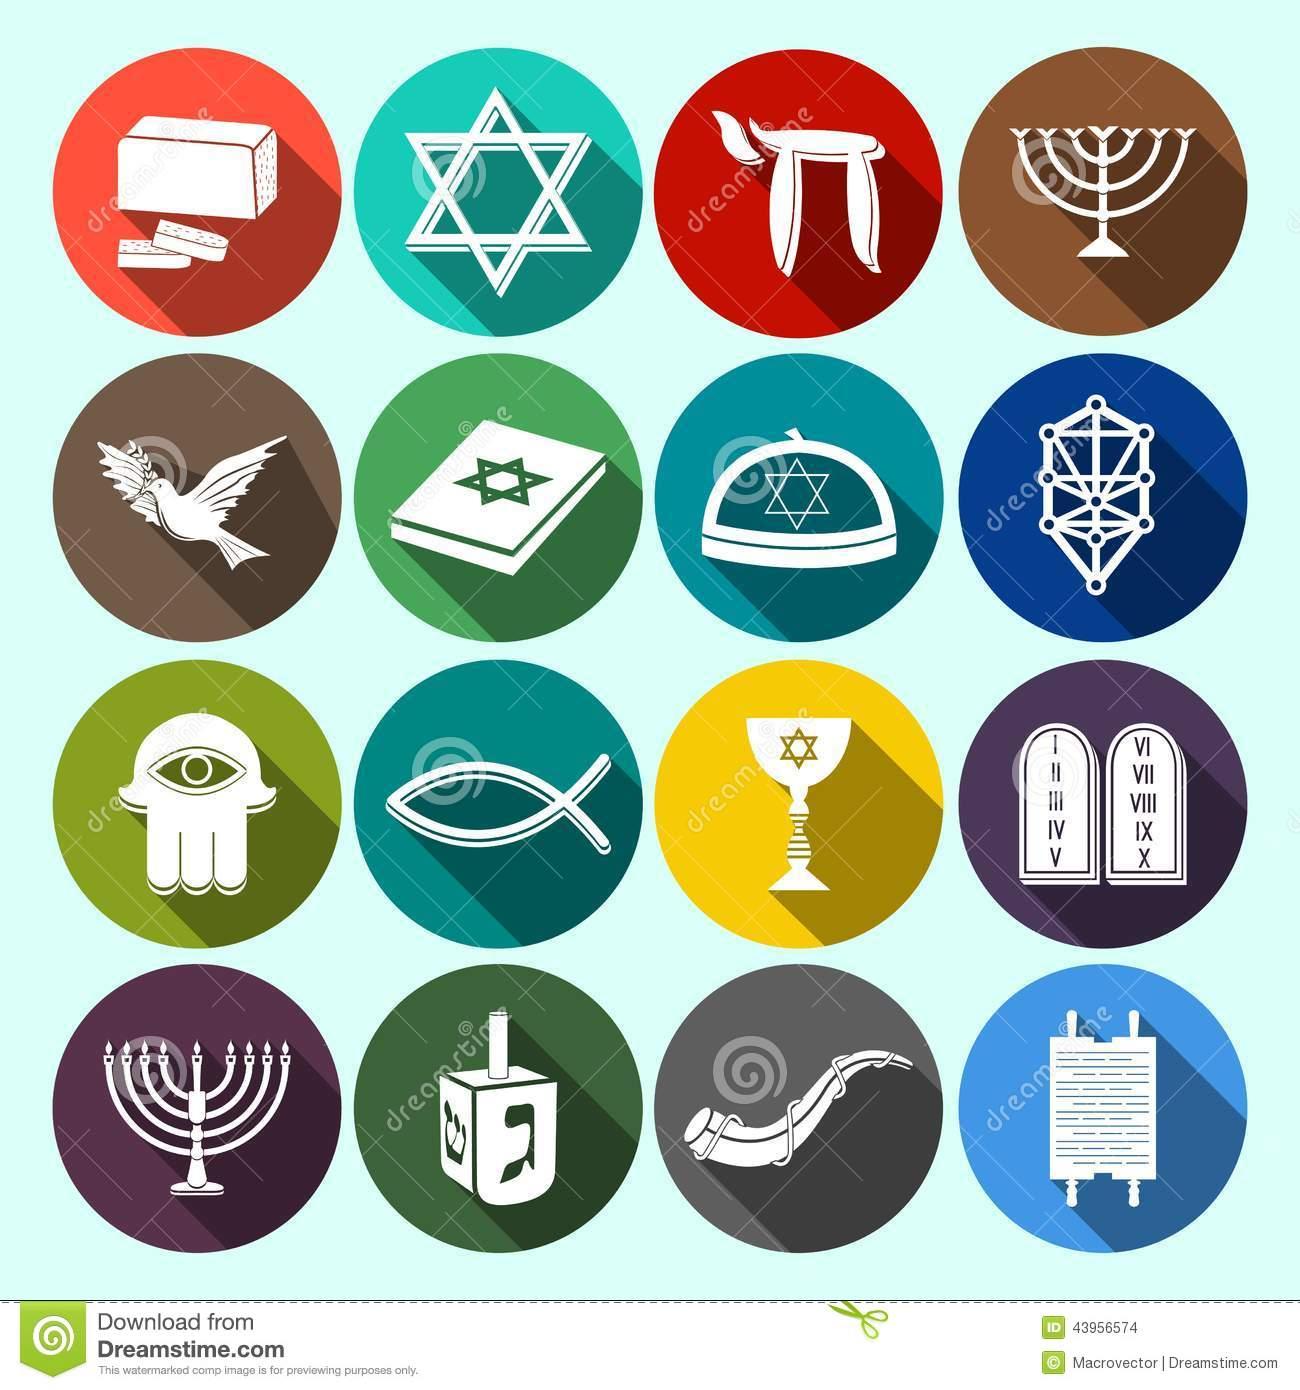 História no CEMIA: Símbolos Religiosos: 6º ano